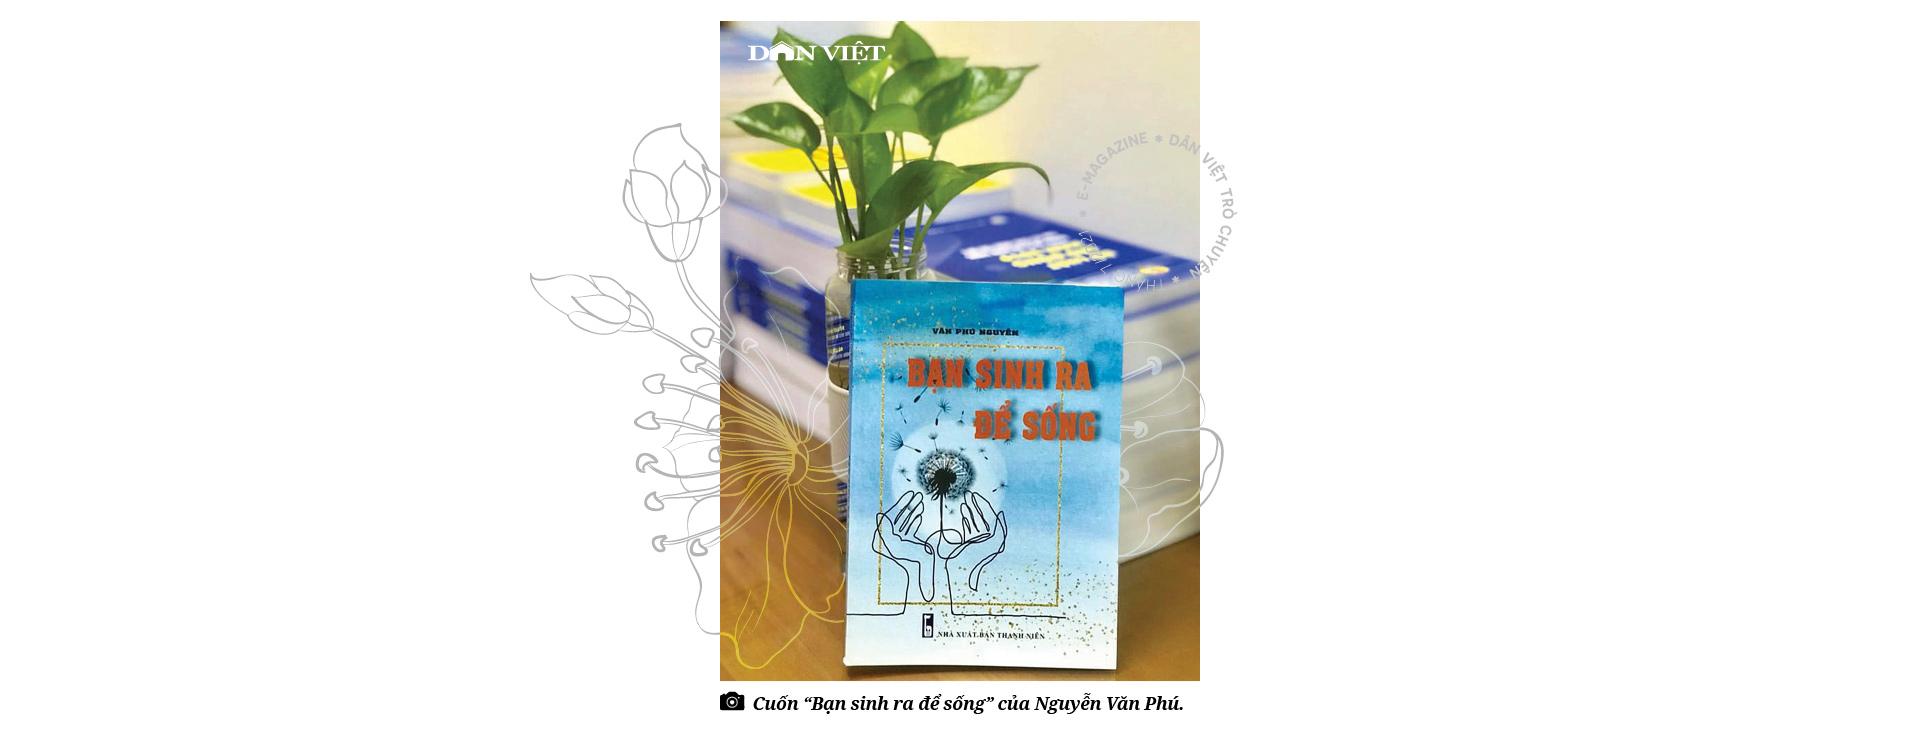 """Nguyễn Văn Phú – tác giả cuốn sách """"Bạn sinh ra để sống"""": """"Với tôi, ung thư là một món quà""""  - Ảnh 11."""